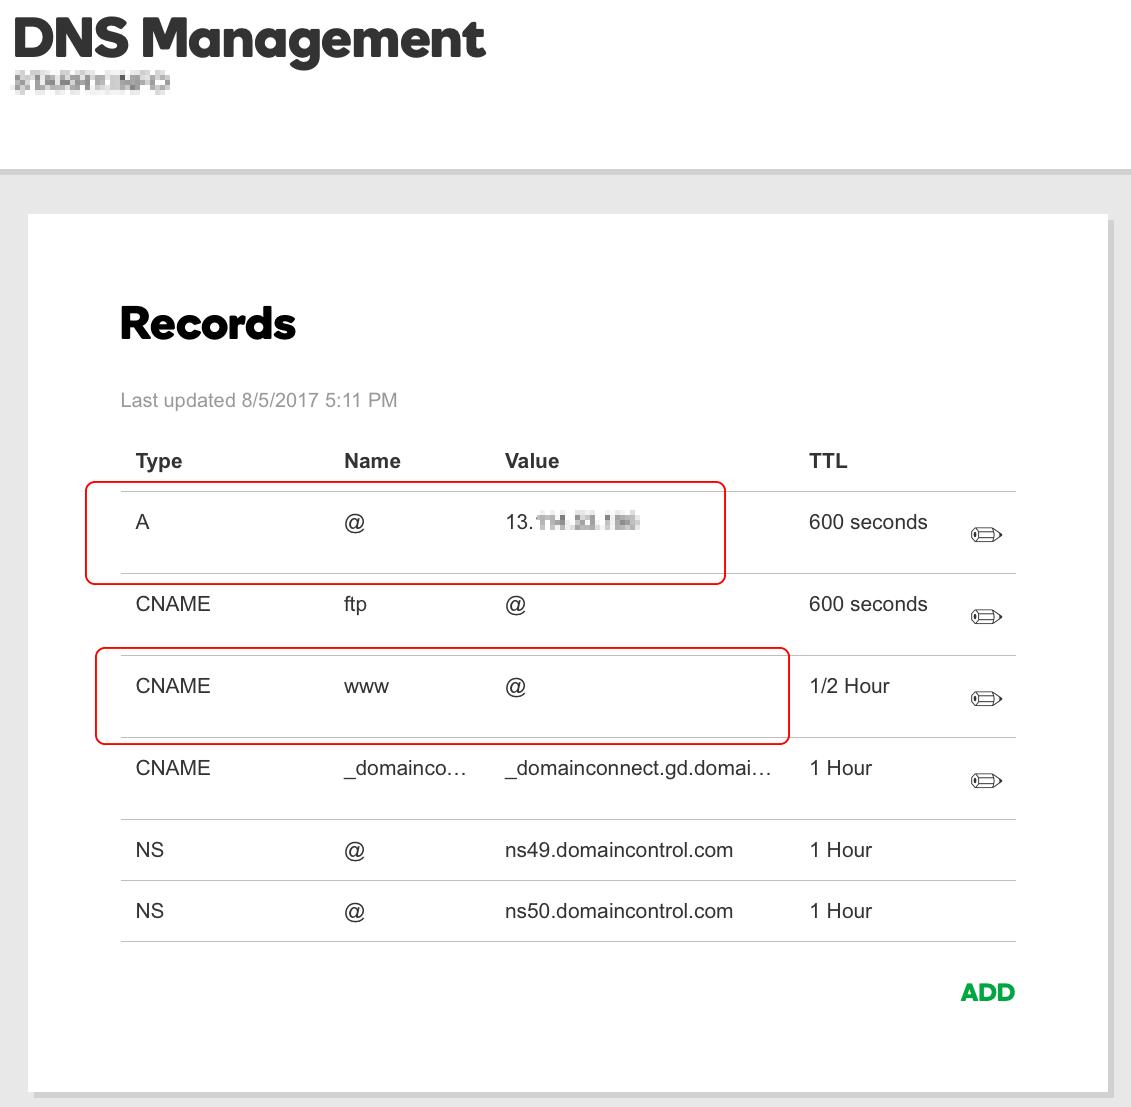 고대디 도메인 DNS 관리화면. A타입 레코드와 CNAME 레코드 타입이 있다